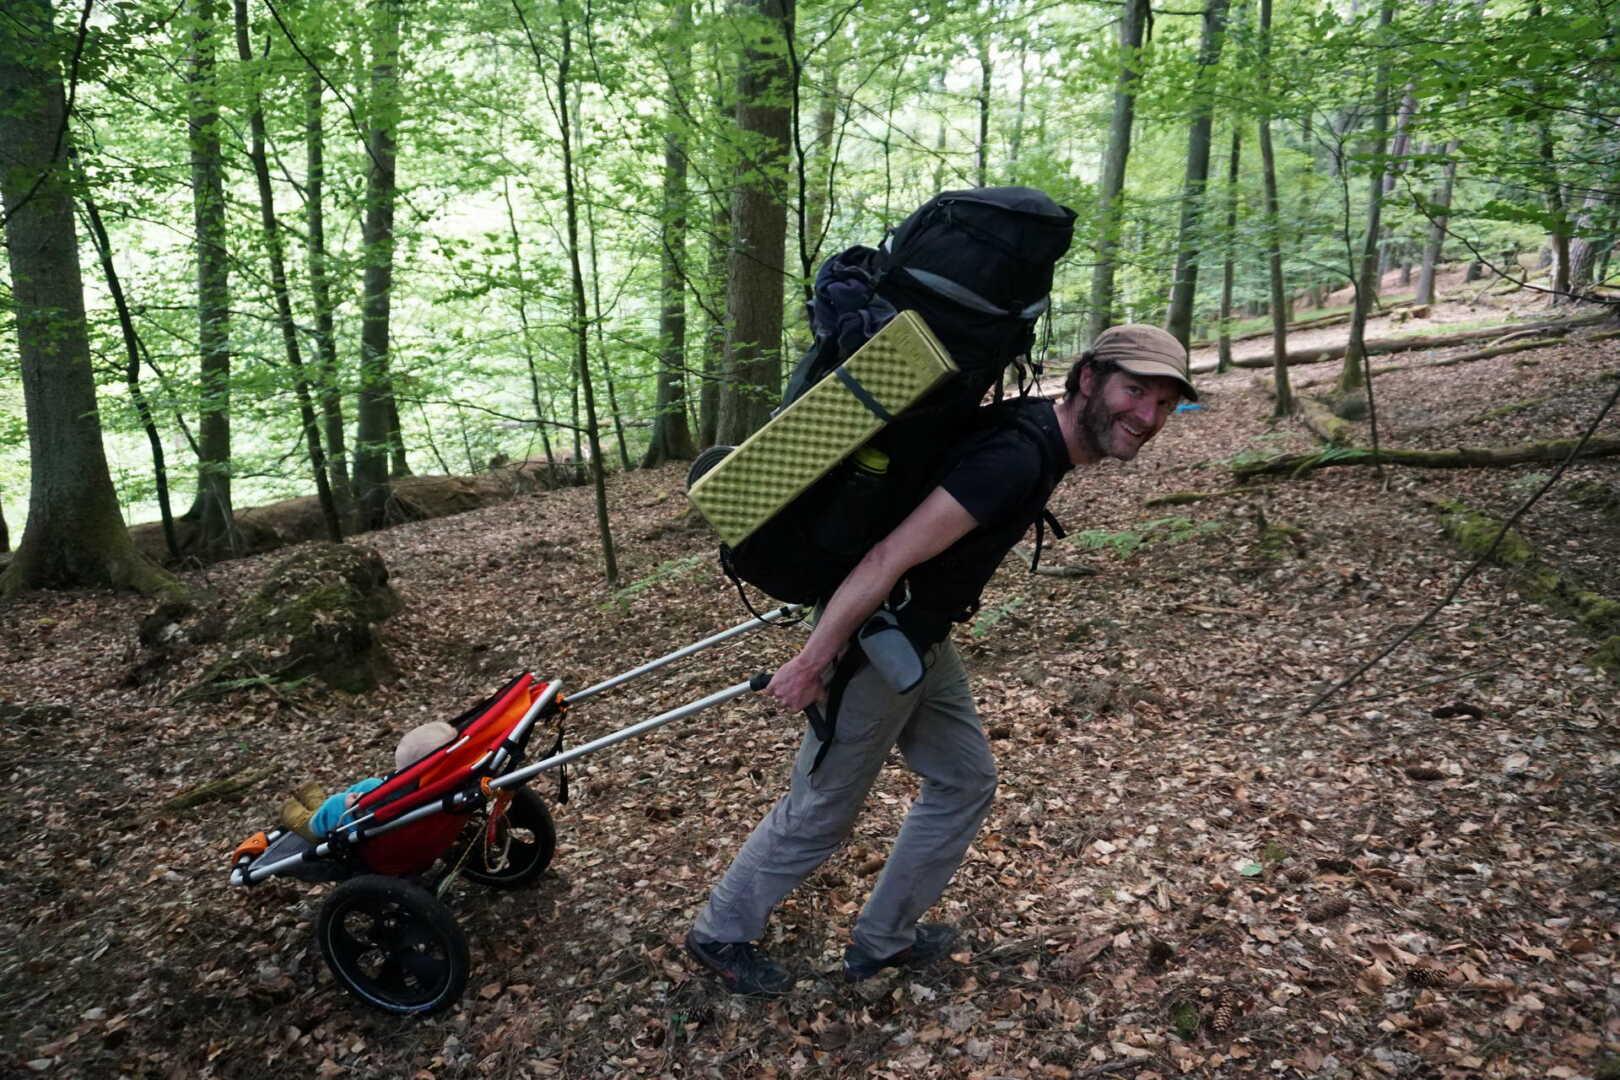 Patrick Heck zieht den Hike Kid Oudoor Kinderwagen mit Rucksack auf dem Rücken durch den Wald